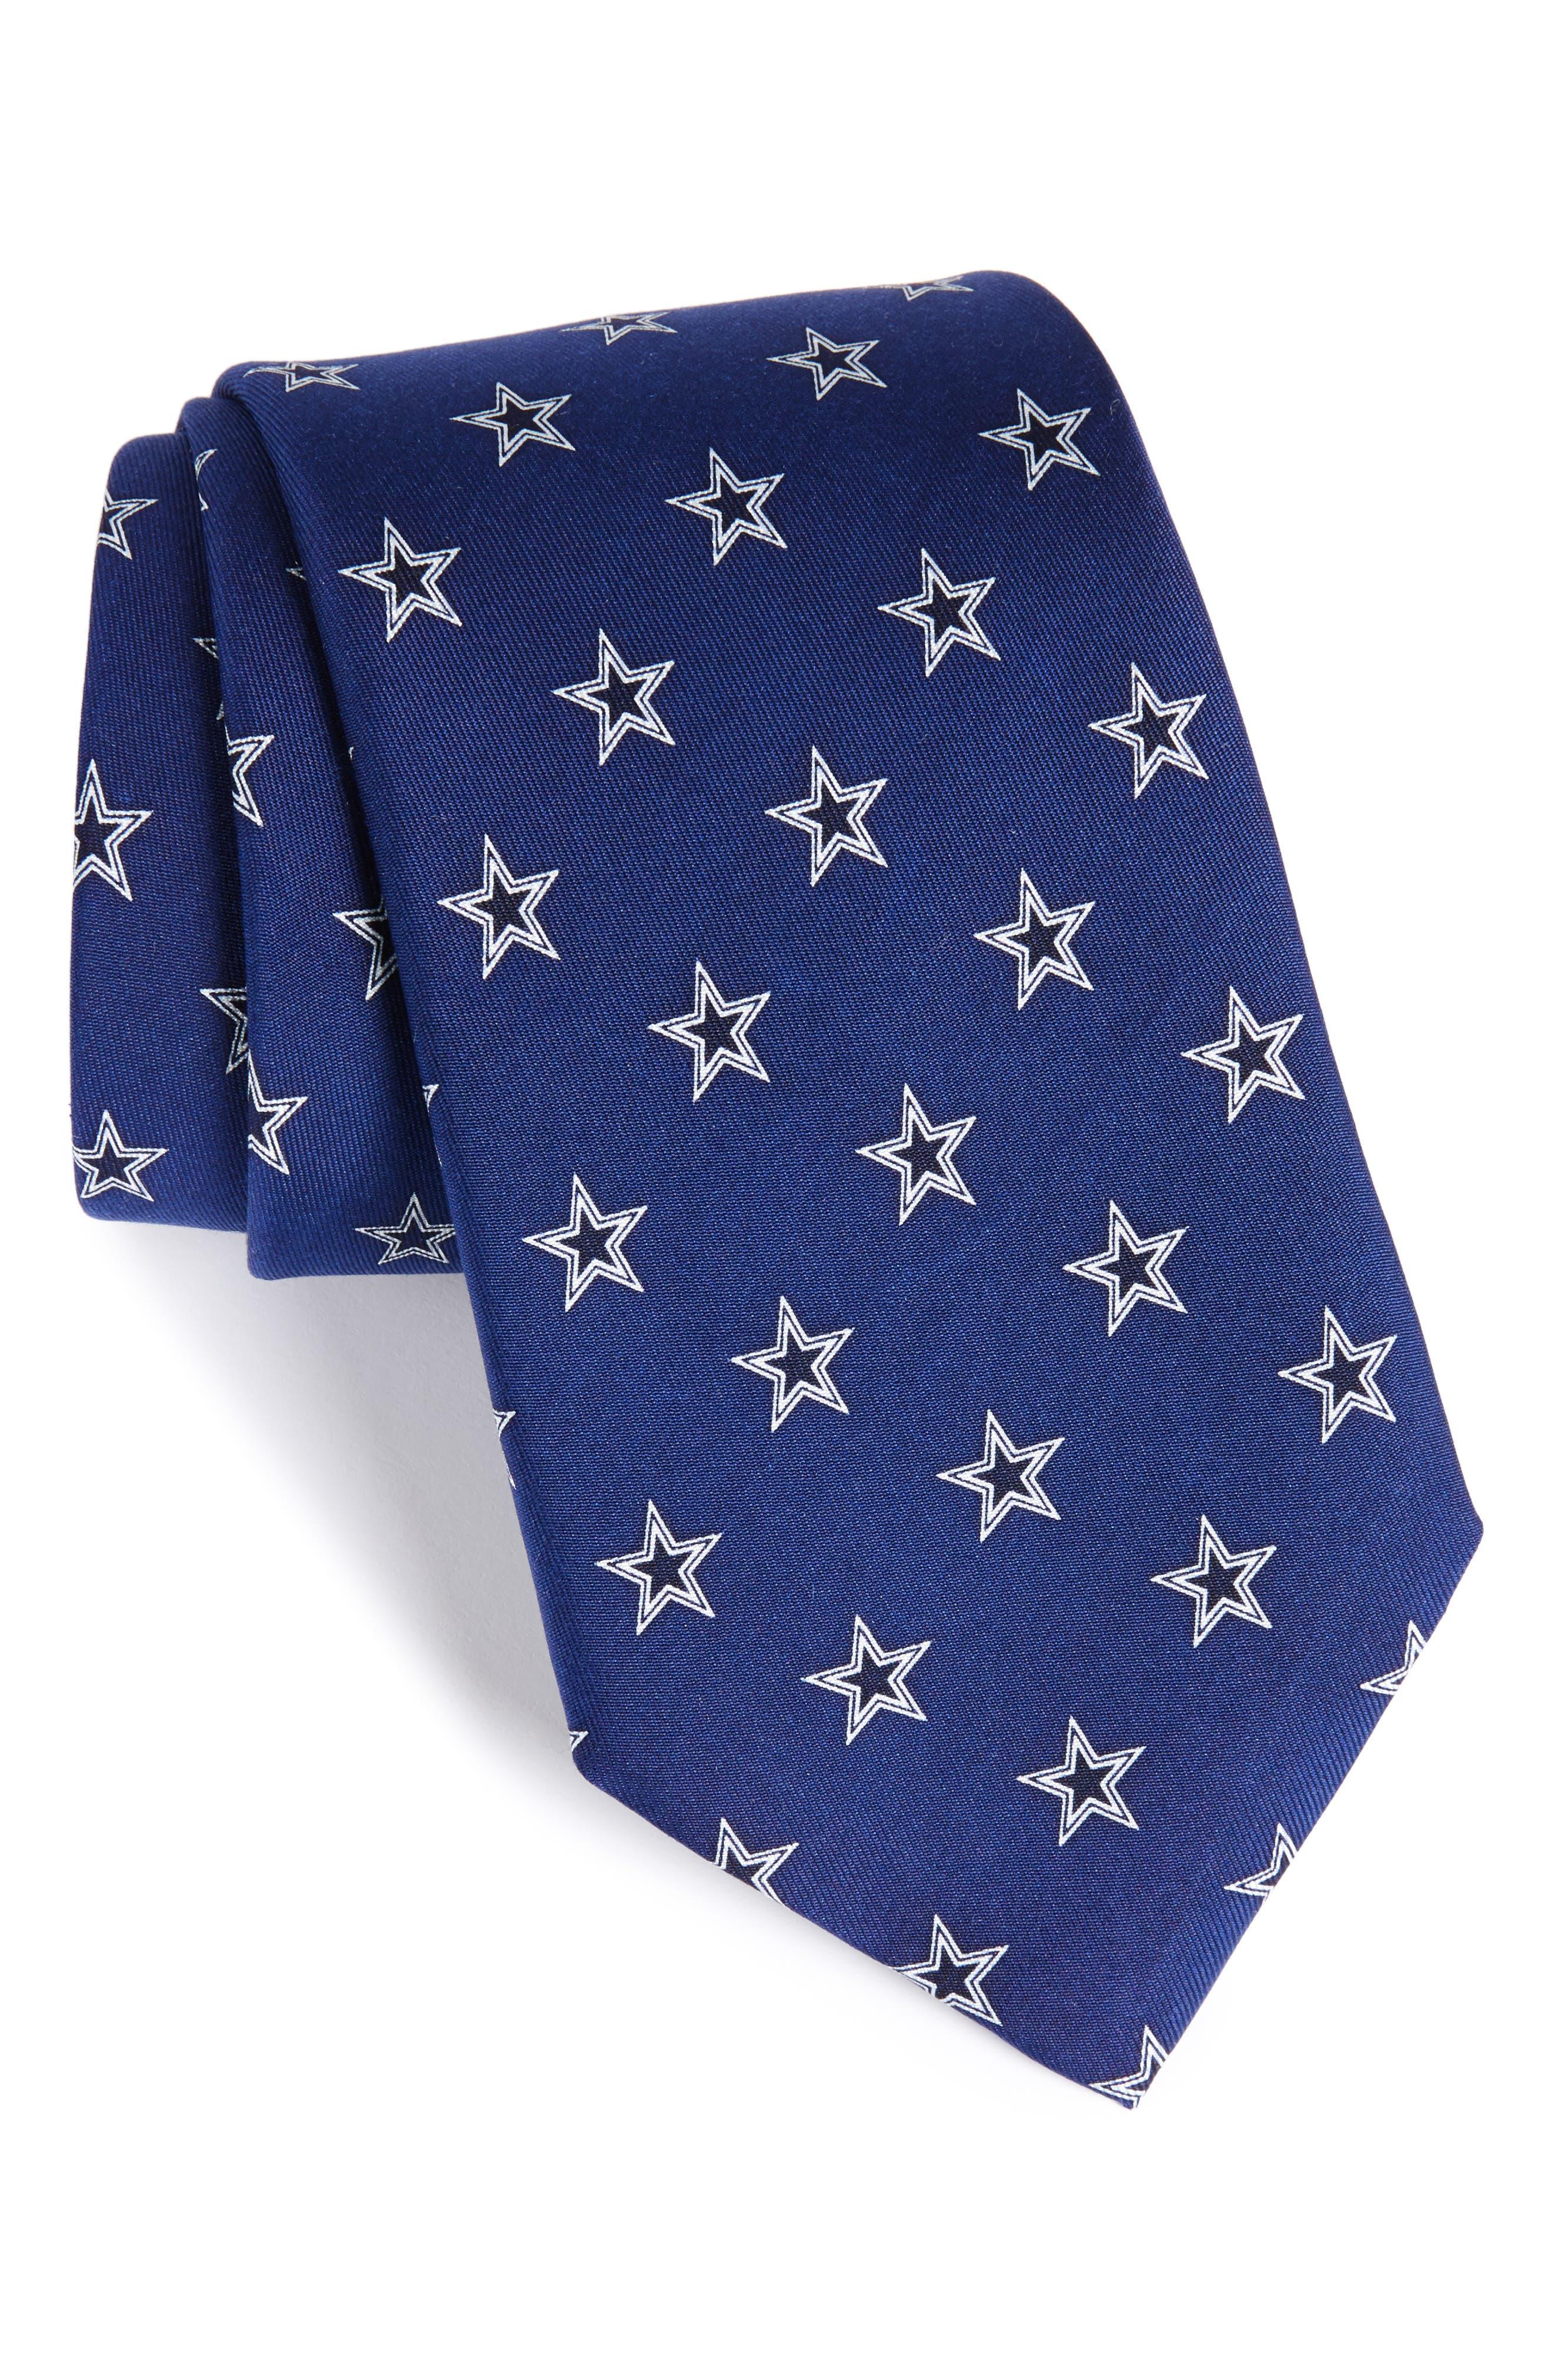 Dallas Cowboys Silk Tie,                             Main thumbnail 1, color,                             Navy